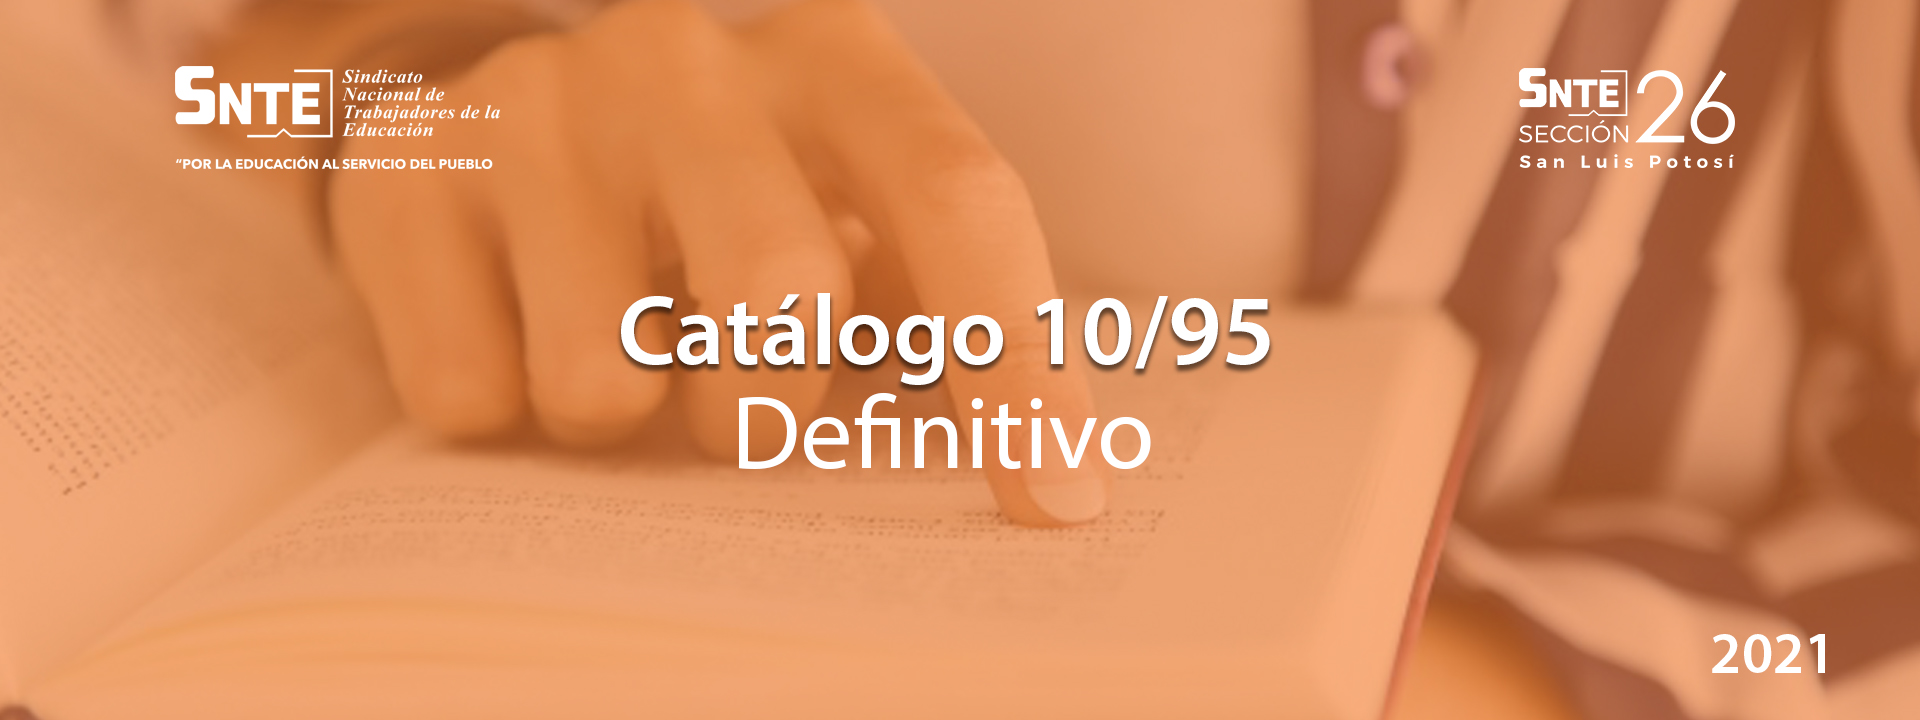 Catálogo 10/95 definitivo 2021